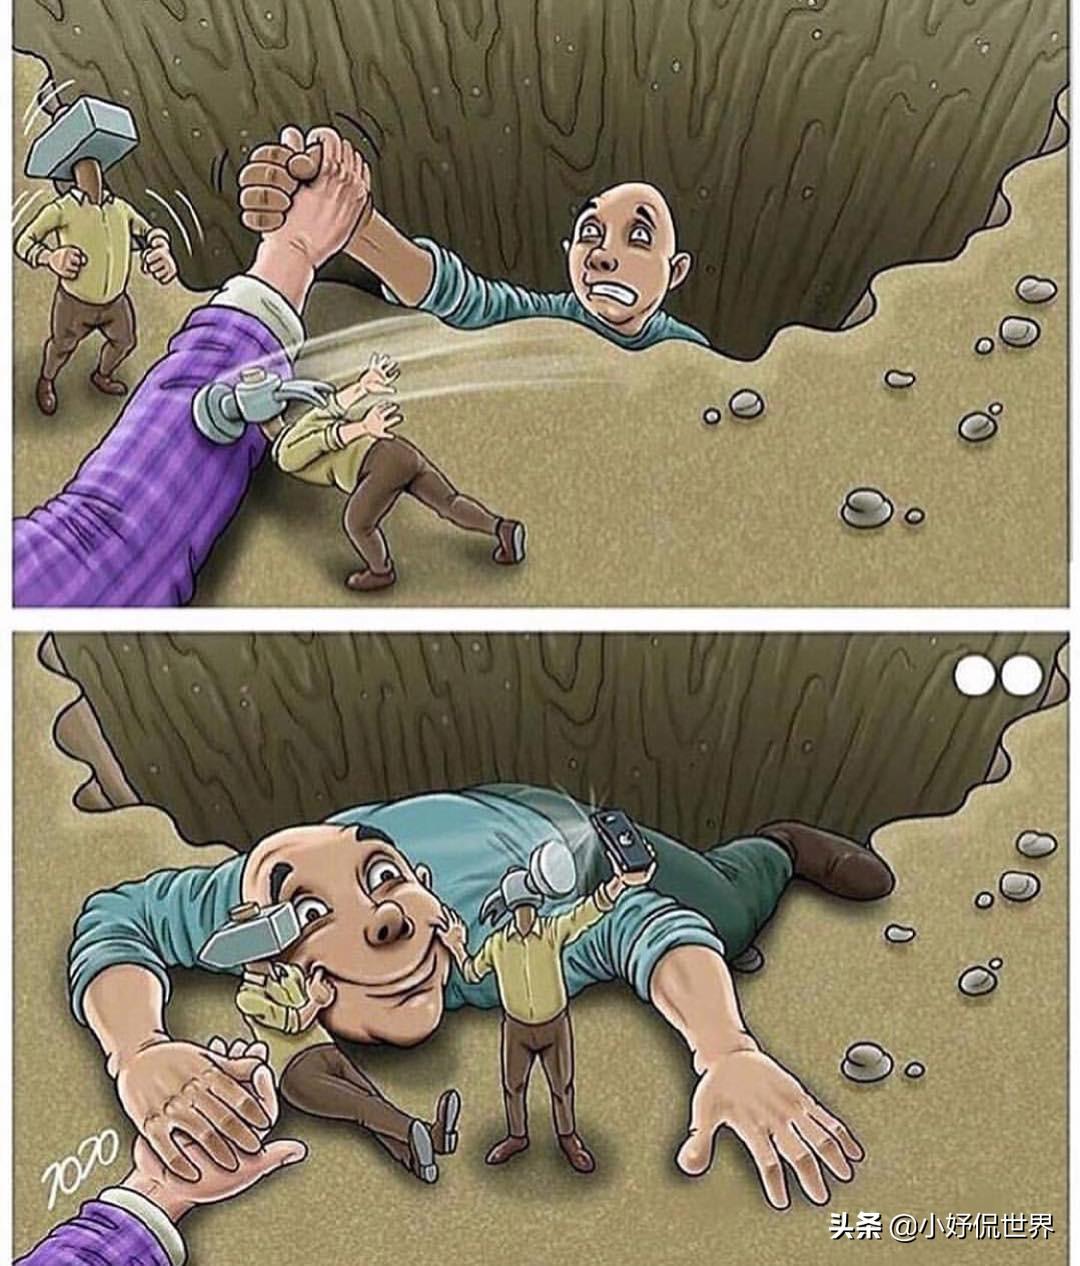 11幅對現實社會存在莫大諷刺的插畫